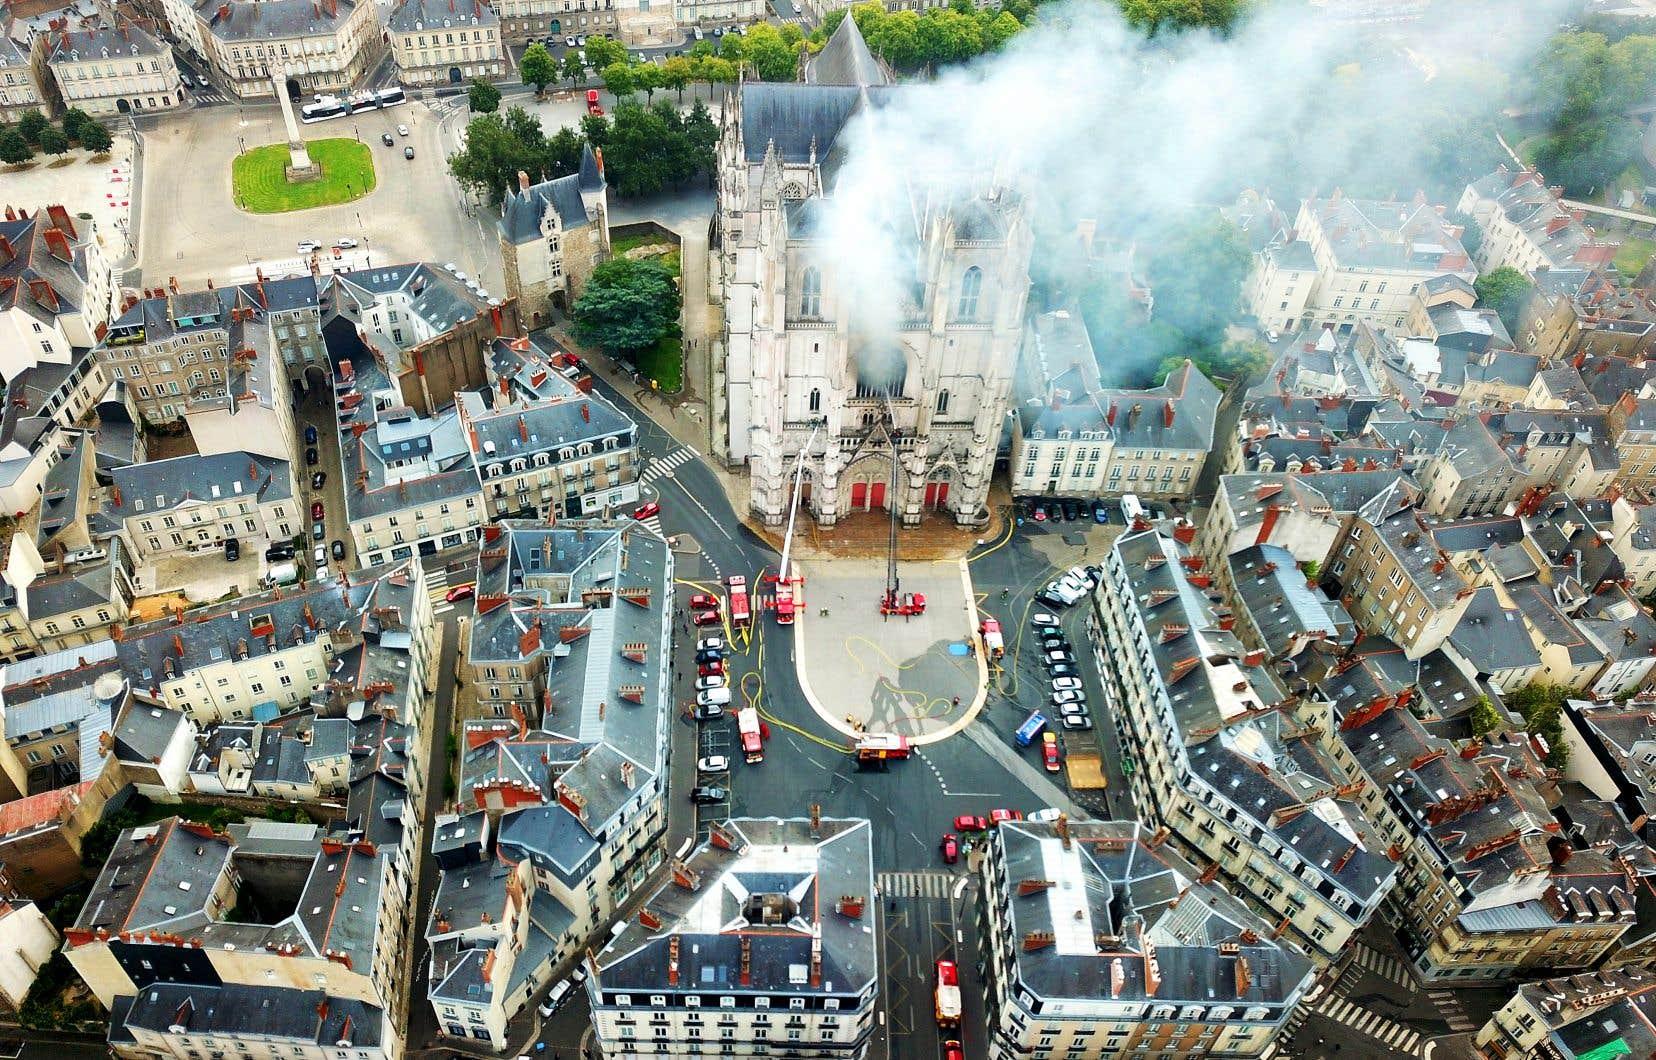 L'édification de la cathédrale, de style gothique flamboyant, a duré plusieurs siècles (de 1434 à 1891). Son incendie a suscité une vive émotion chez les Nantais, étant survenu 15 mois après celui de Notre-Dame de Paris.